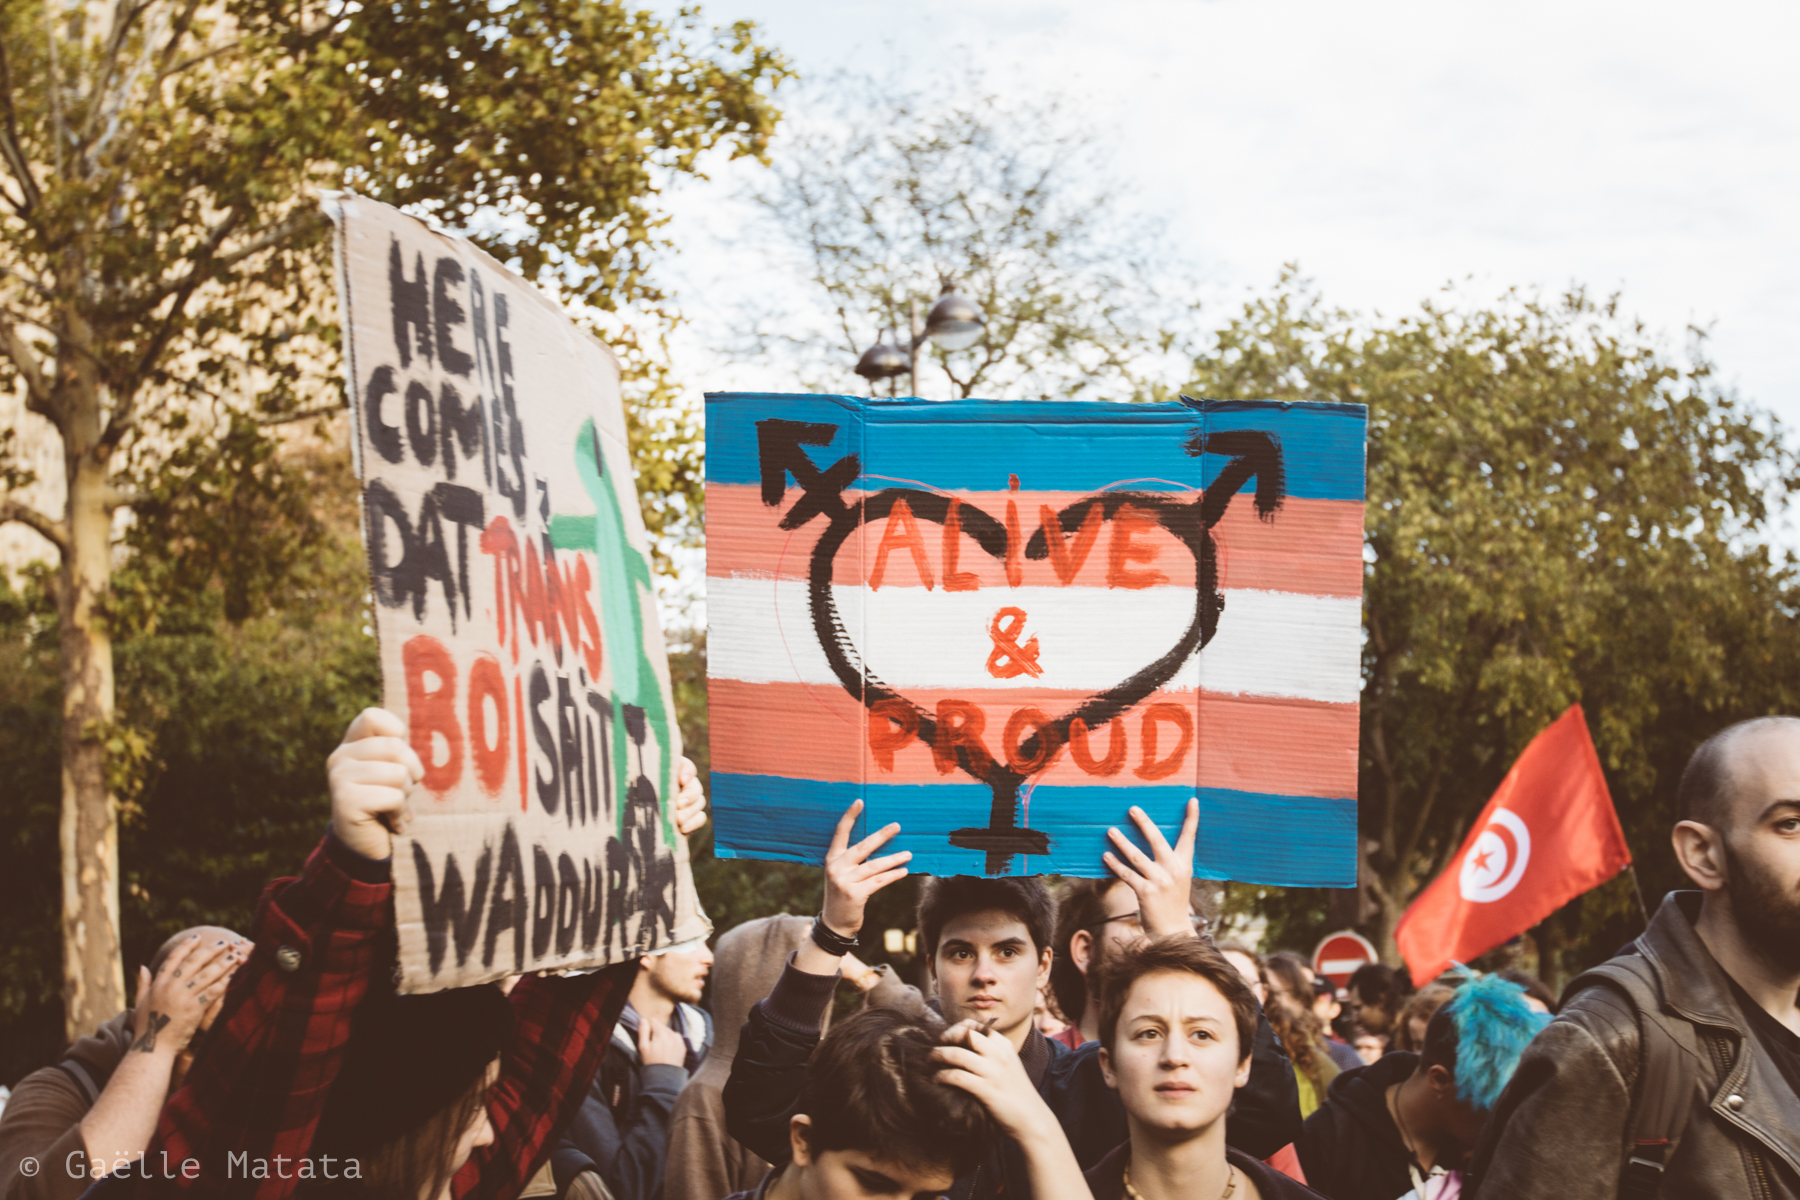 manifestation Existrans 2017 à Paris : 21ème marche des personnes trans et intersexes